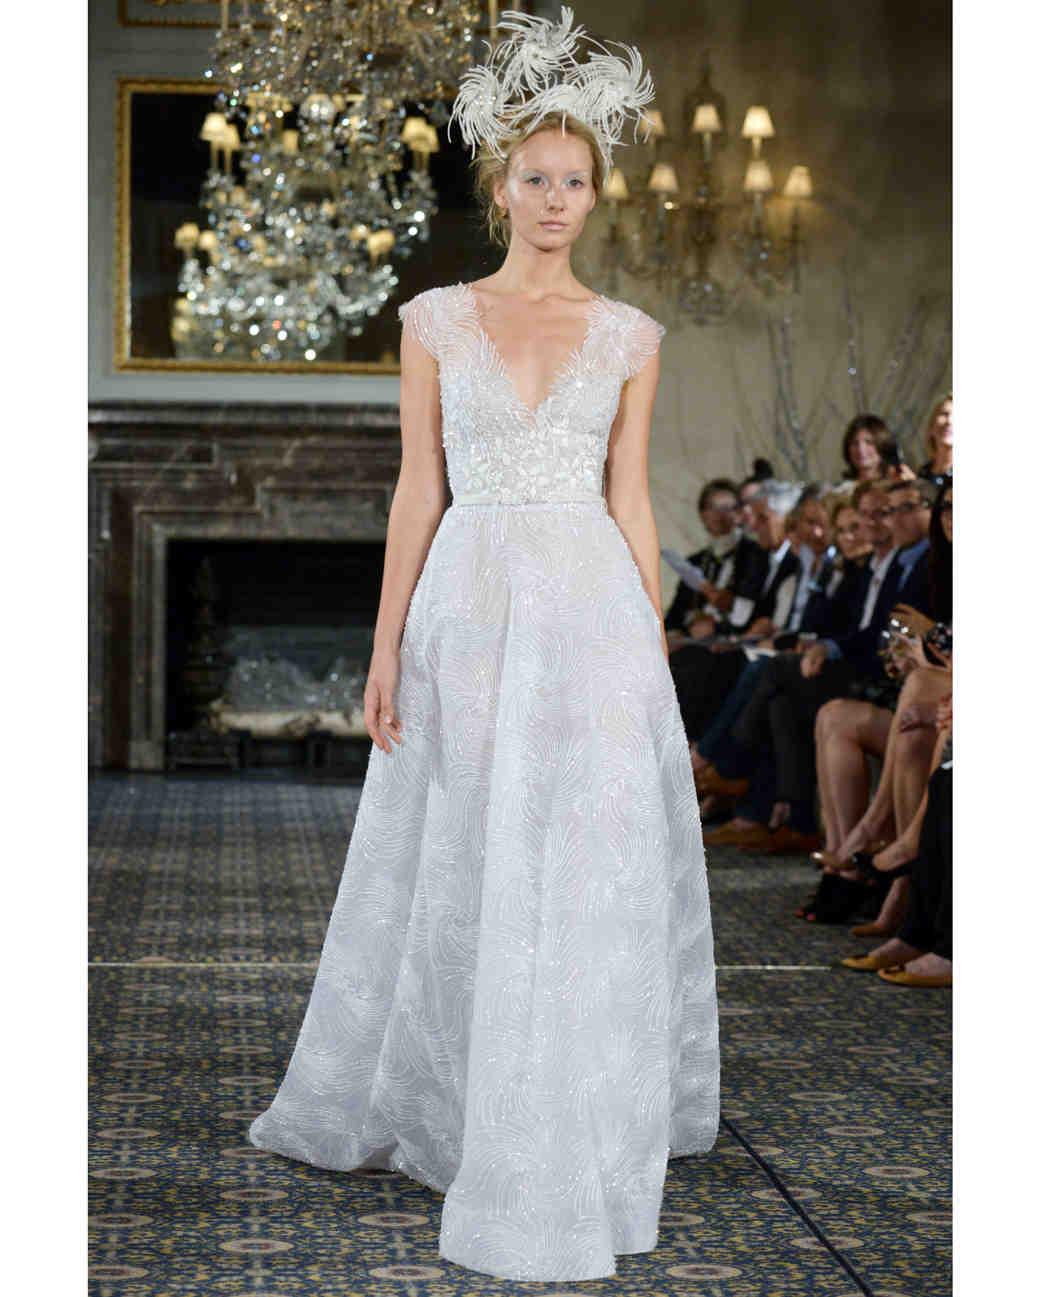 50-states-wedding-dresses-utah-mira-zwillinger-0615.jpg